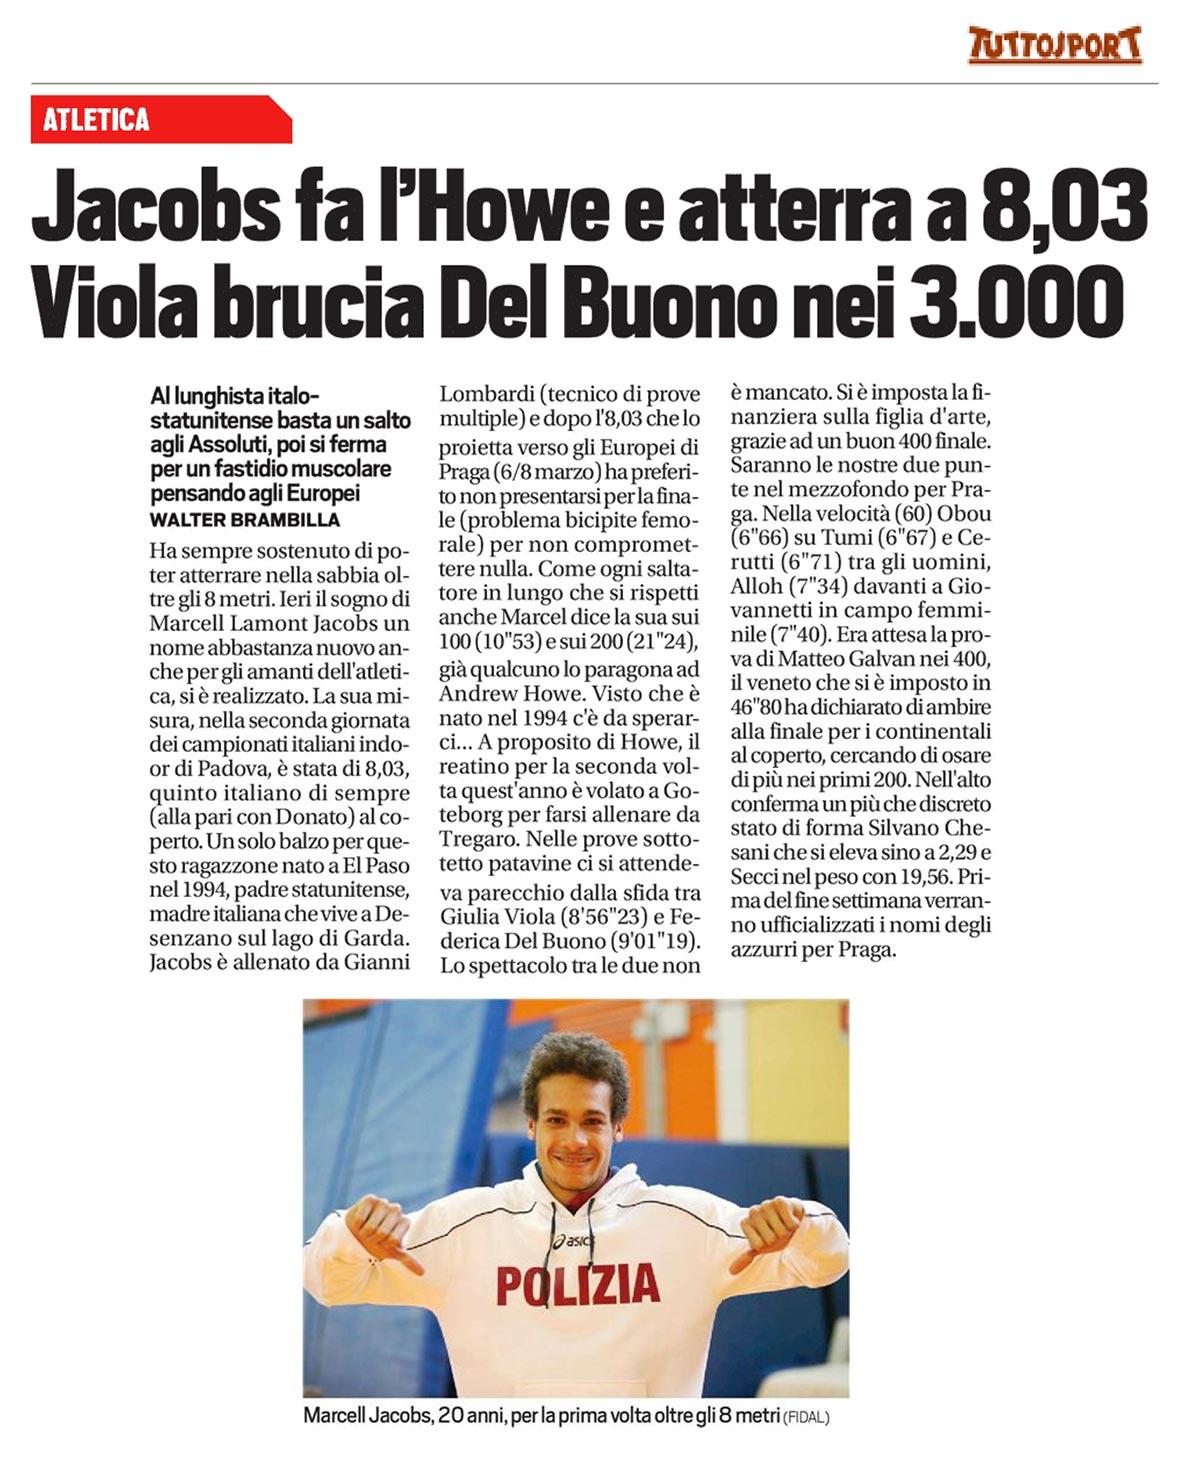 Tutto Sport 23 02 15 - Fiamme Oro Atletica